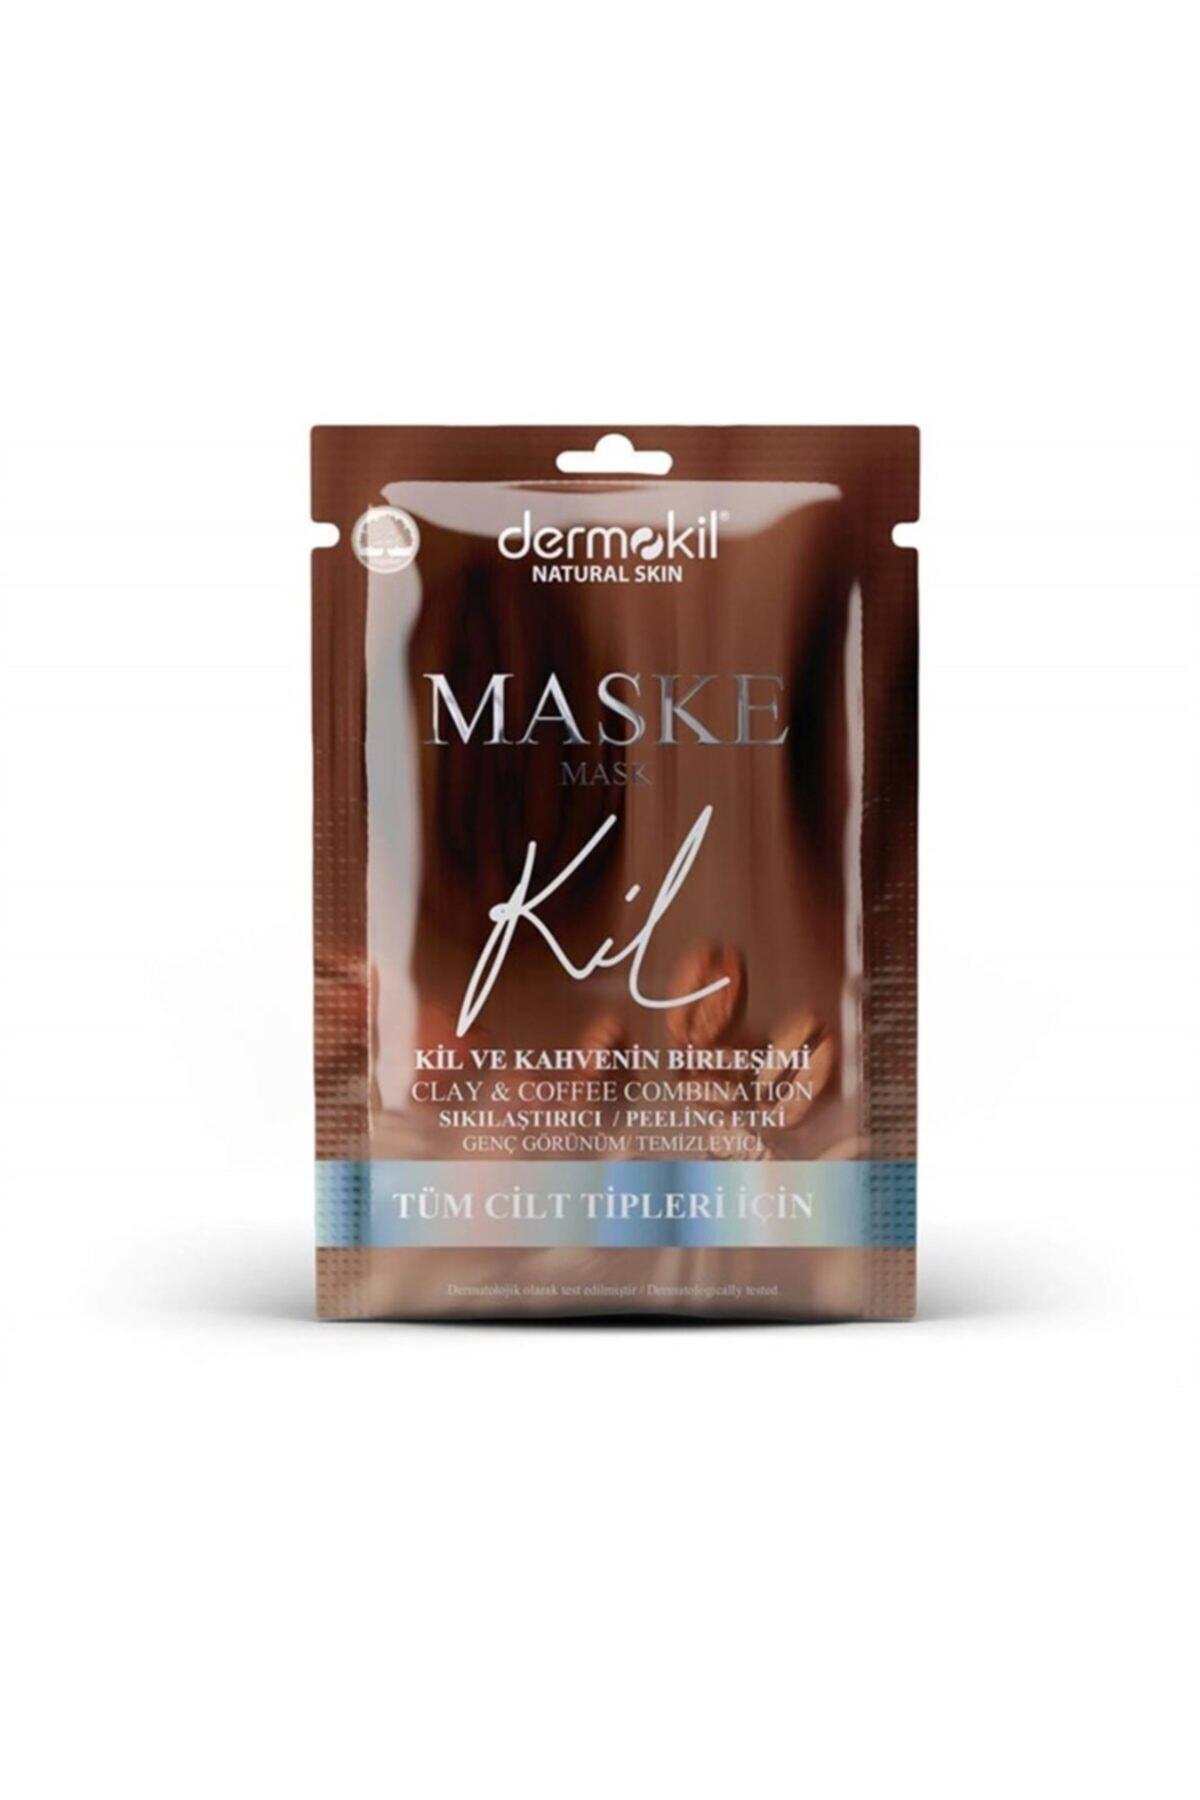 Dermokil Natural Sıkılaştırıcı Genç Görünüm Için Kil Ve Kahve Maskesi 15 ml 1